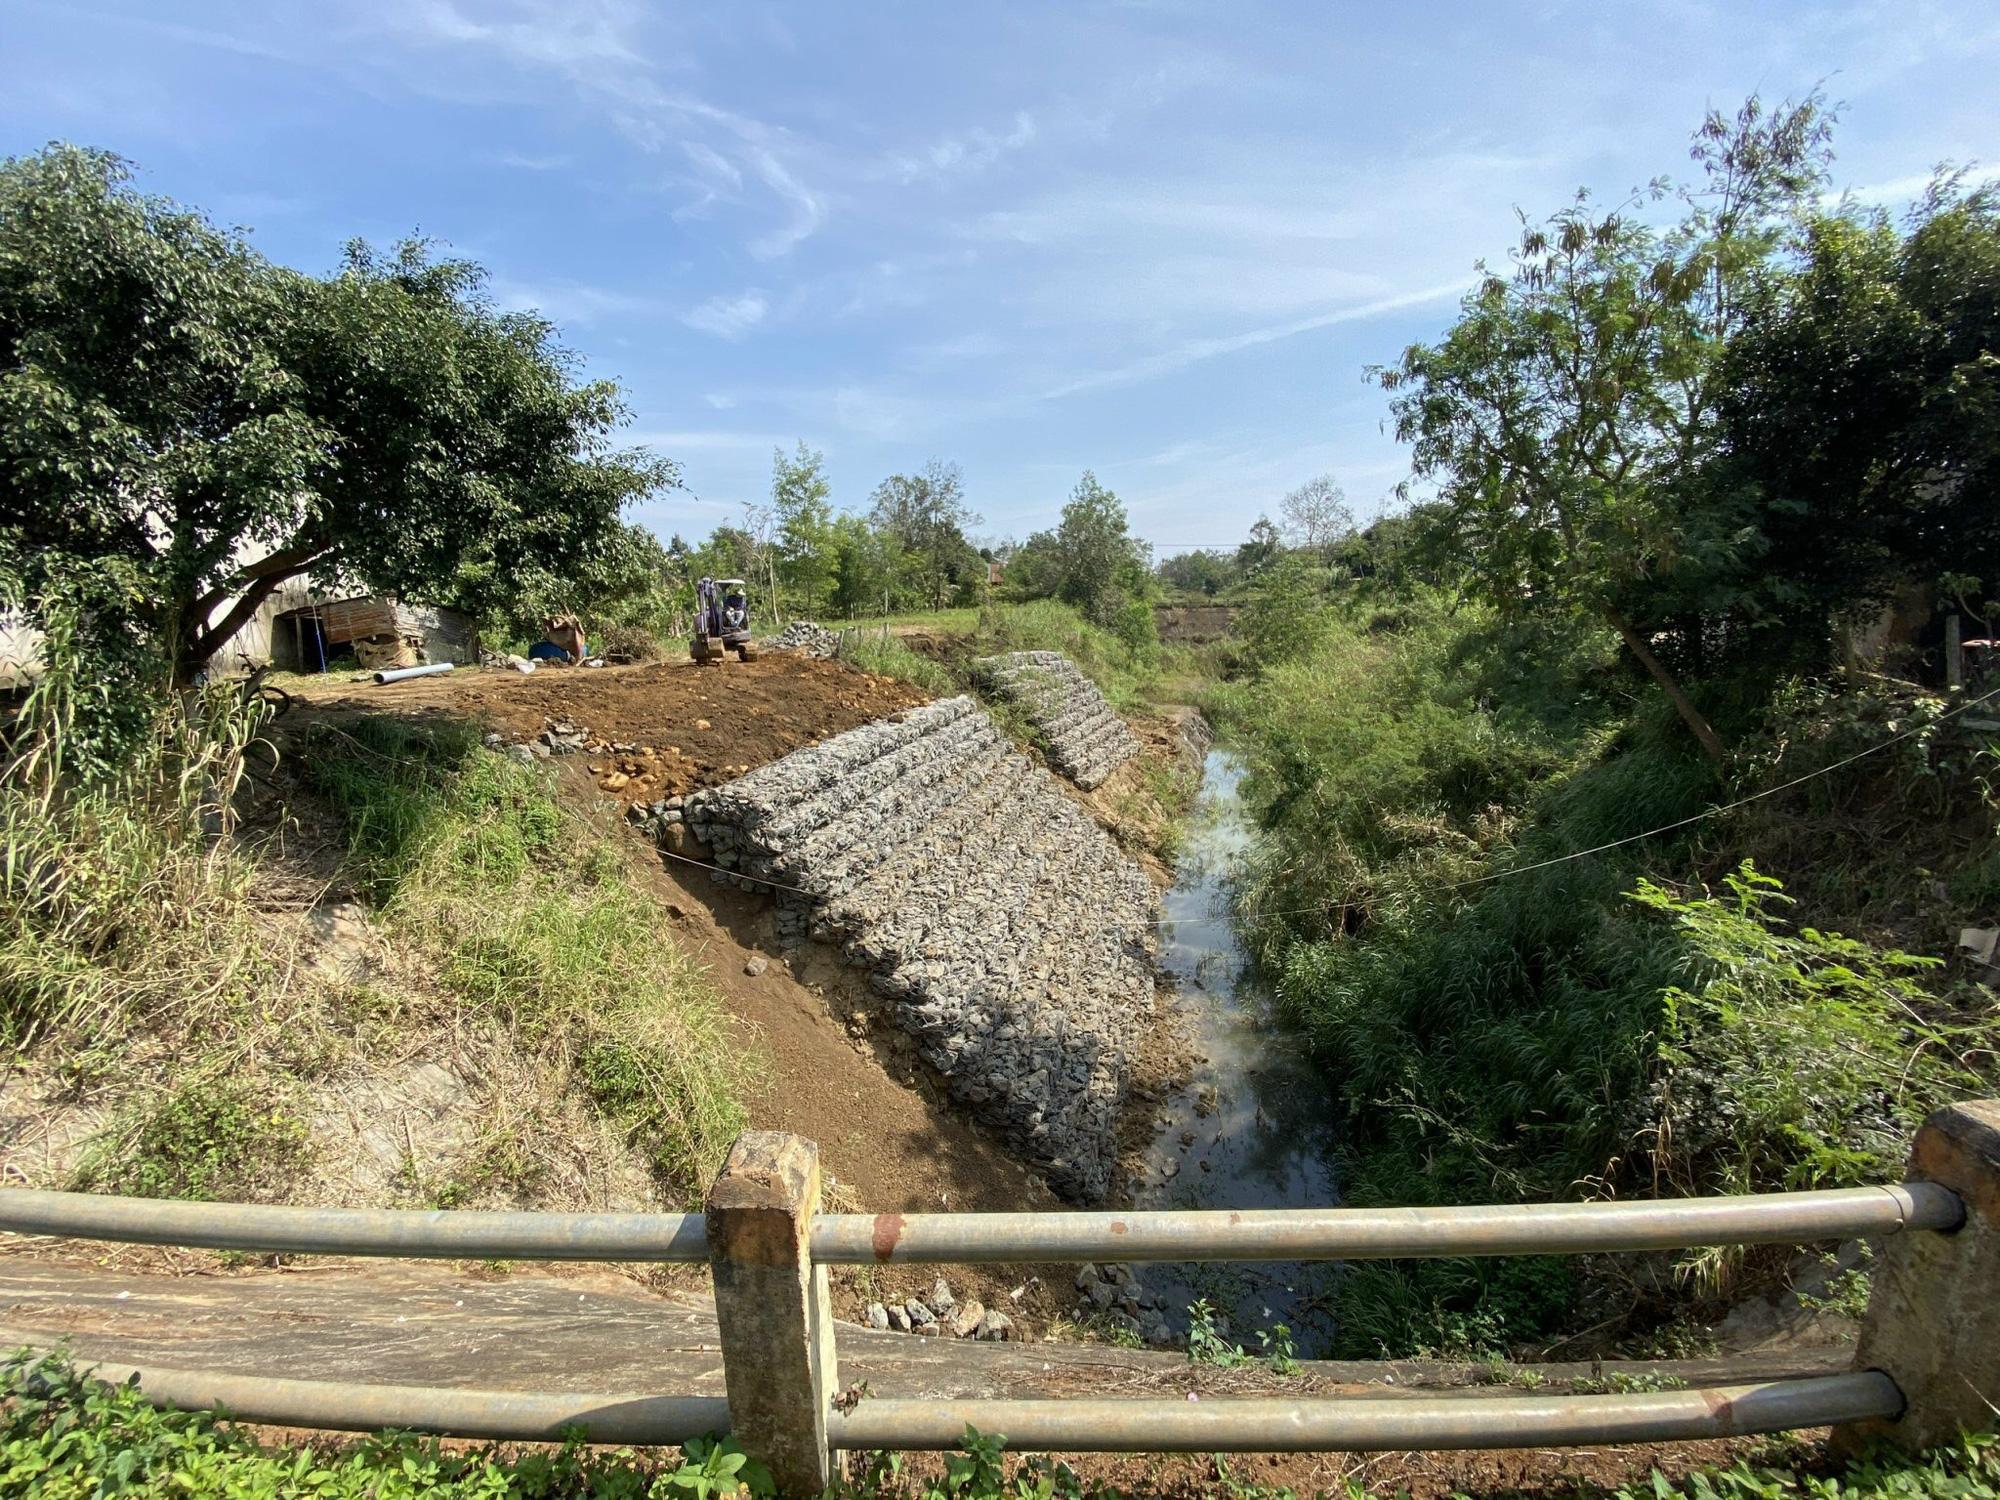 Đắk Lắk: Huyện quyết làm kênh dẫn thấp hơn mặt ruộng rồi… bỏ hoang - Ảnh 4.